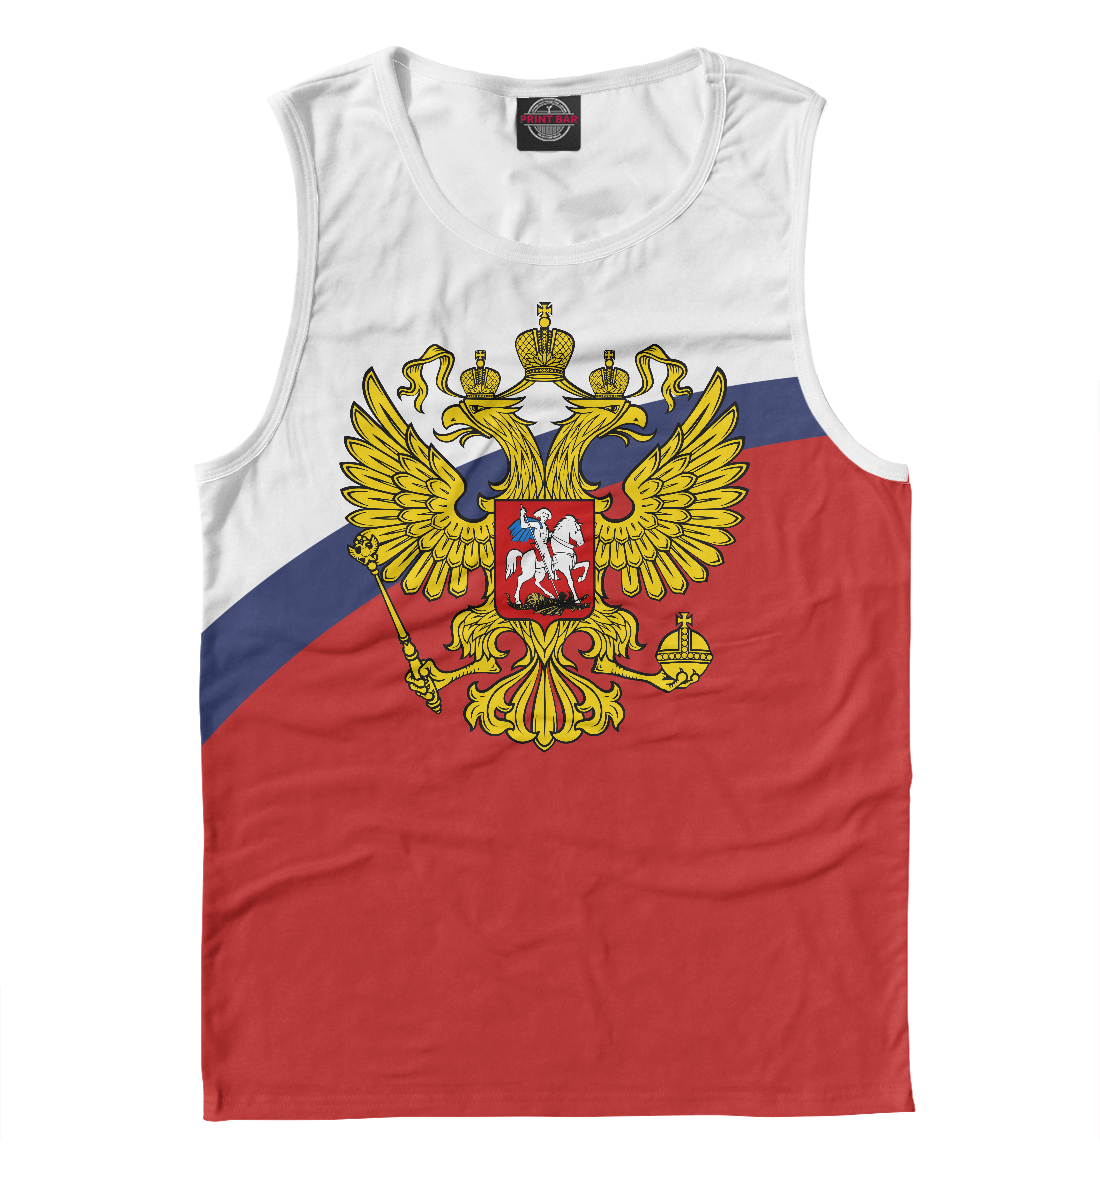 Купить Россия Триколор, Printbar, Майки, SRF-545841-may-2